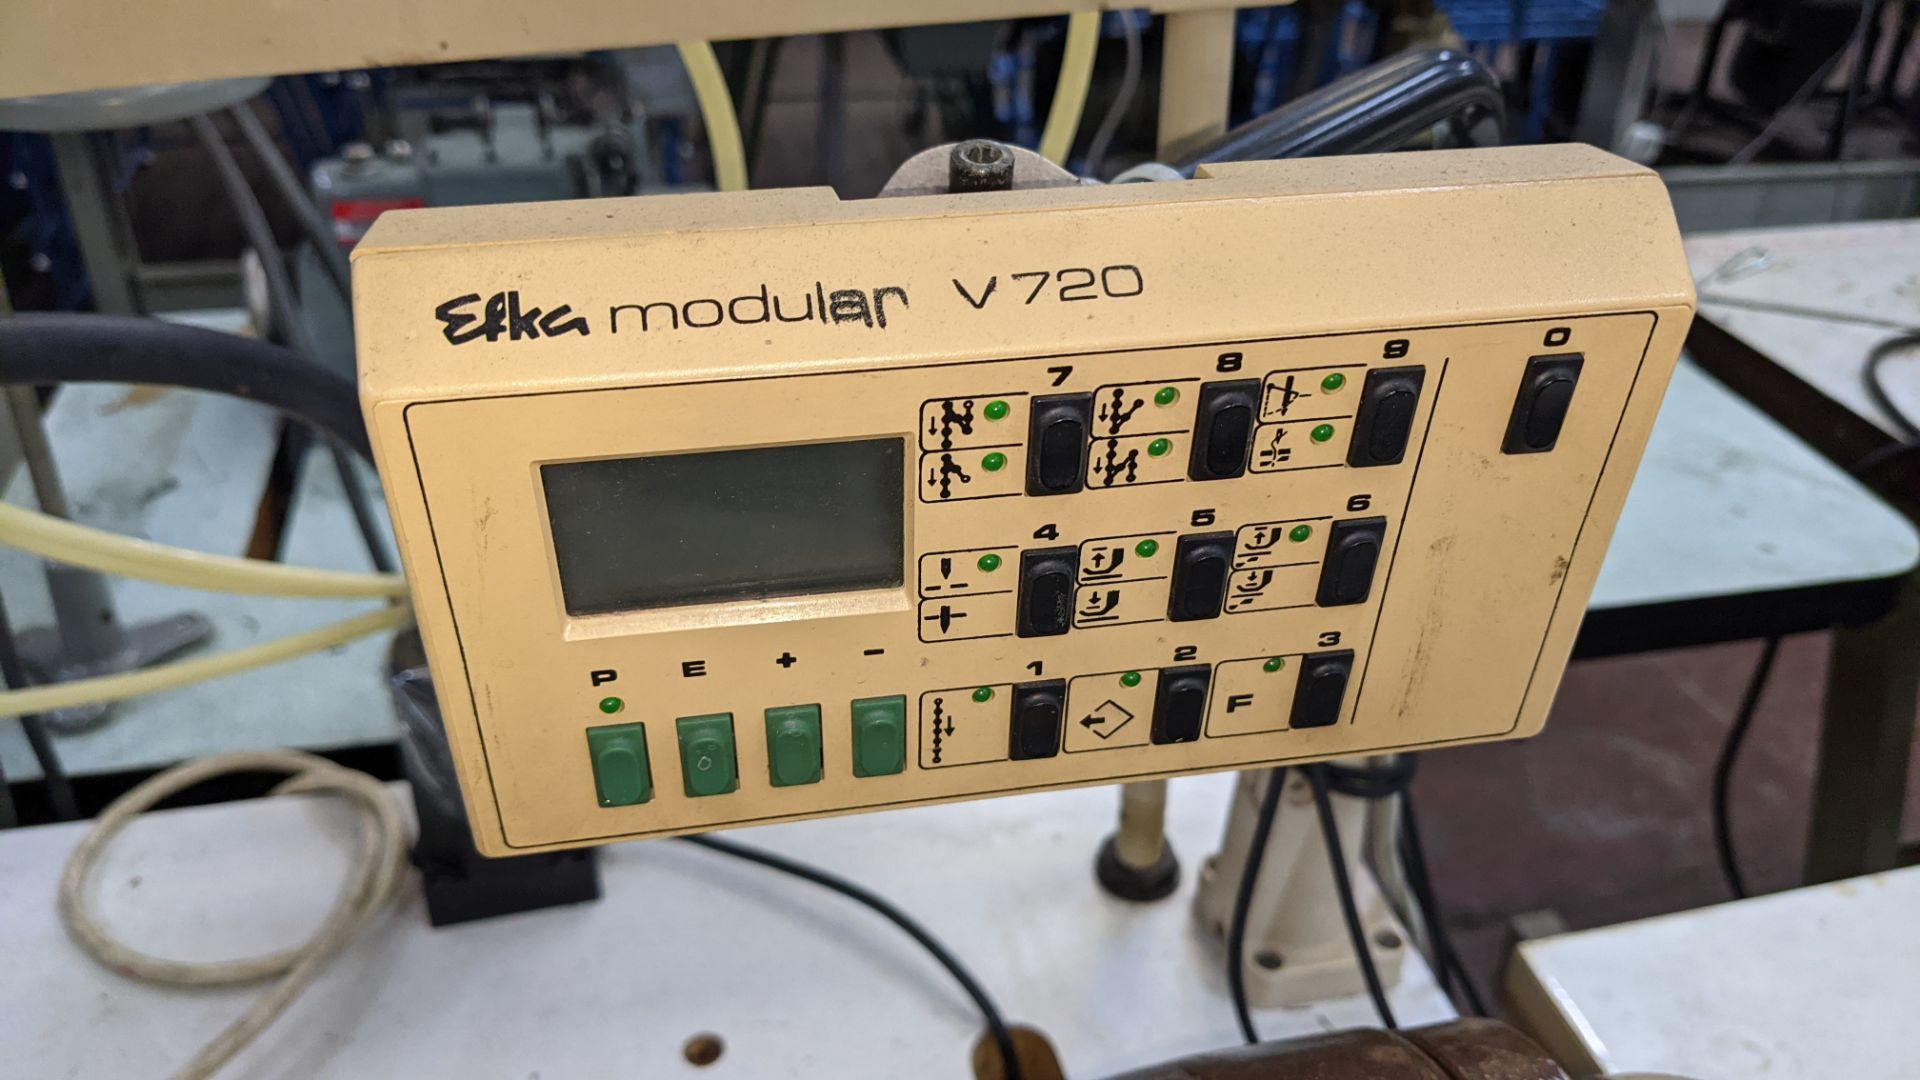 Pfaff model 563 sewing machine with Efka modular V720 digital controller - Image 10 of 13